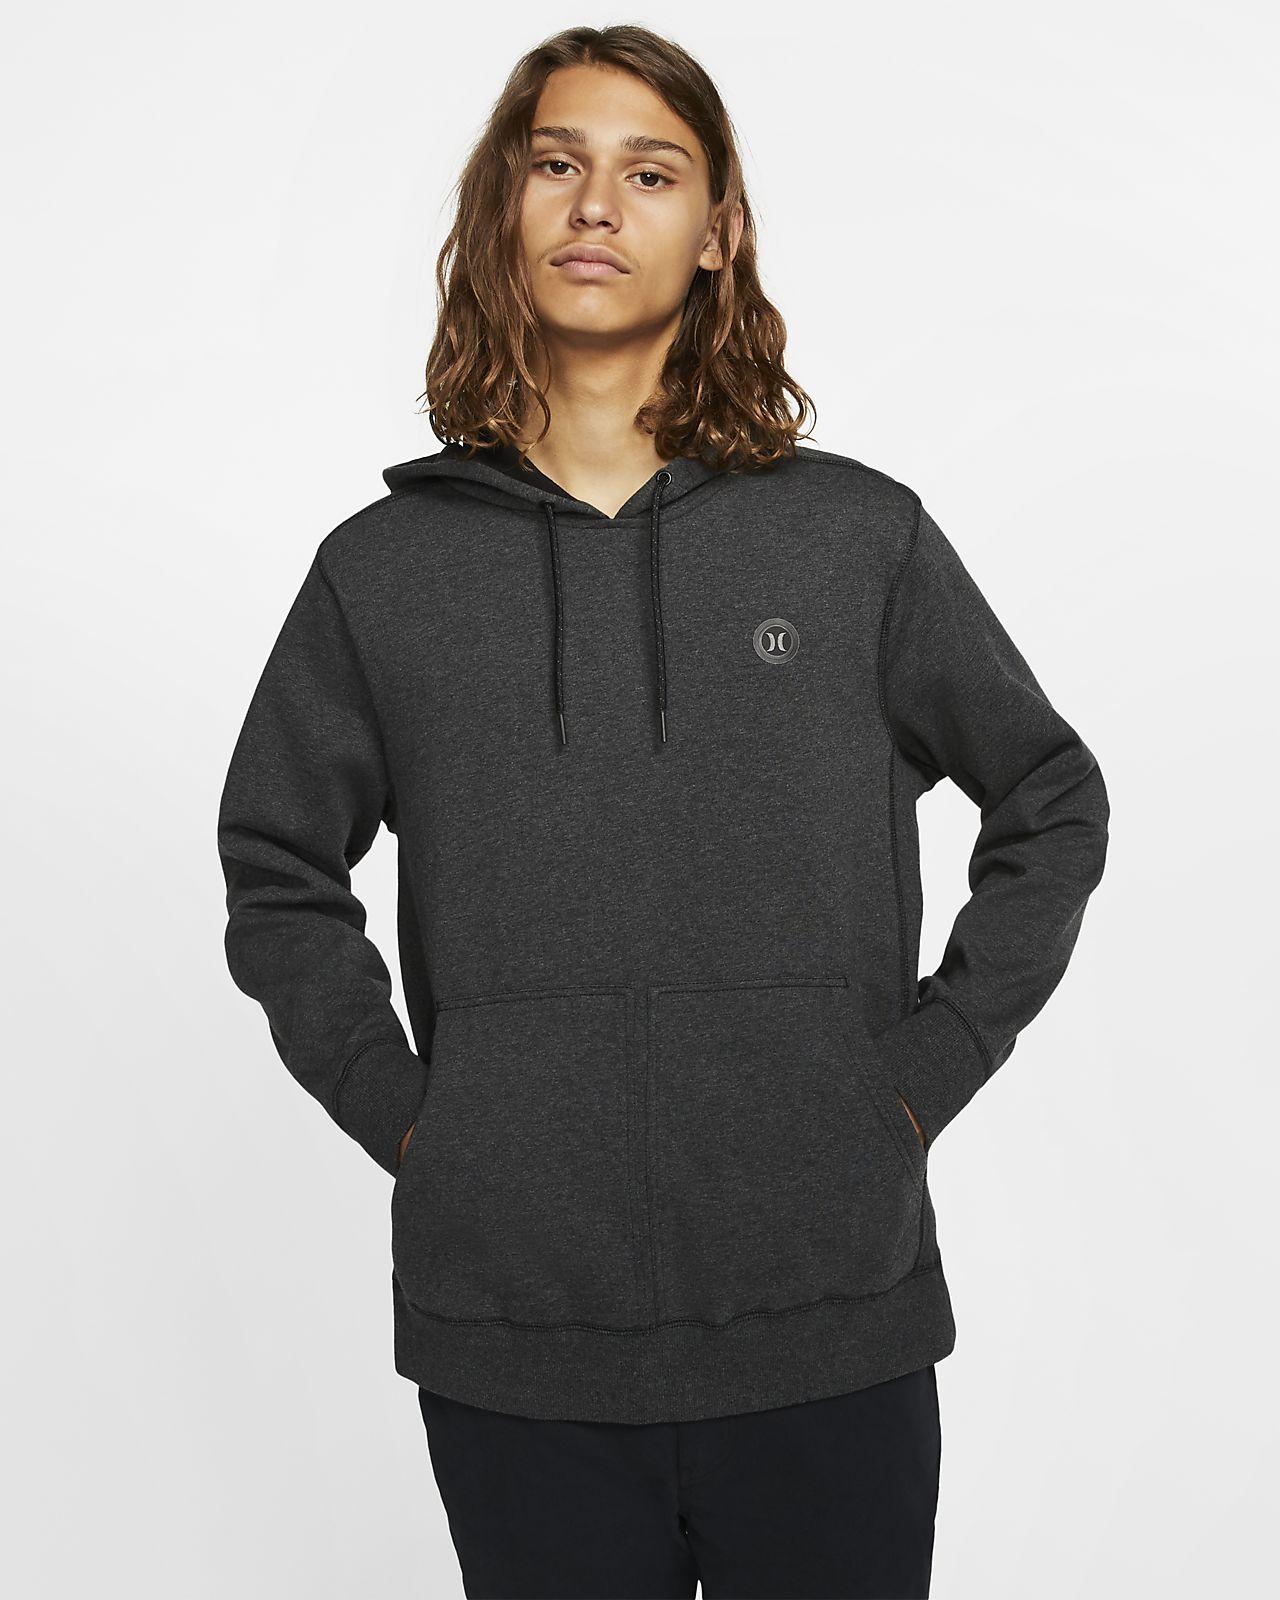 Hurley Therma Protect-pullover-hættetrøje i fleece til mænd